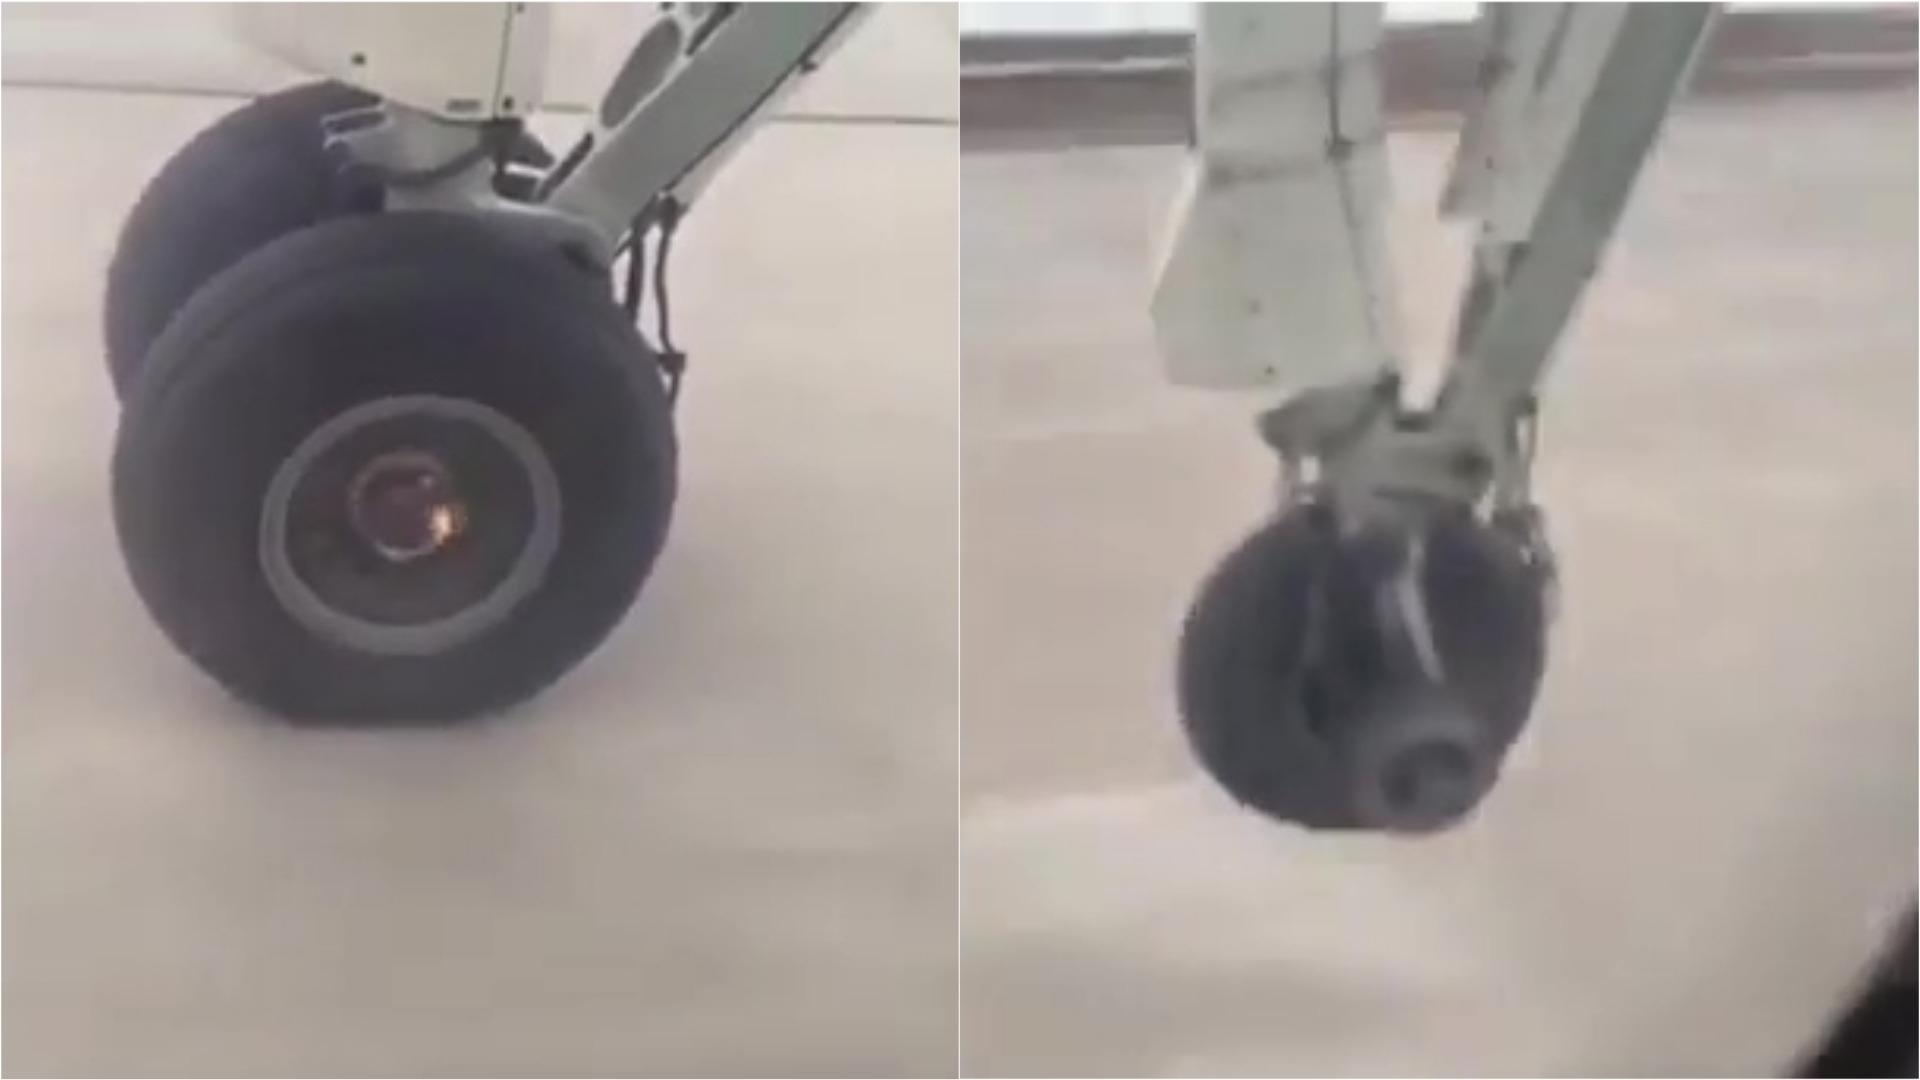 Pasajero grabó el despegue y aterrizaje del avión.